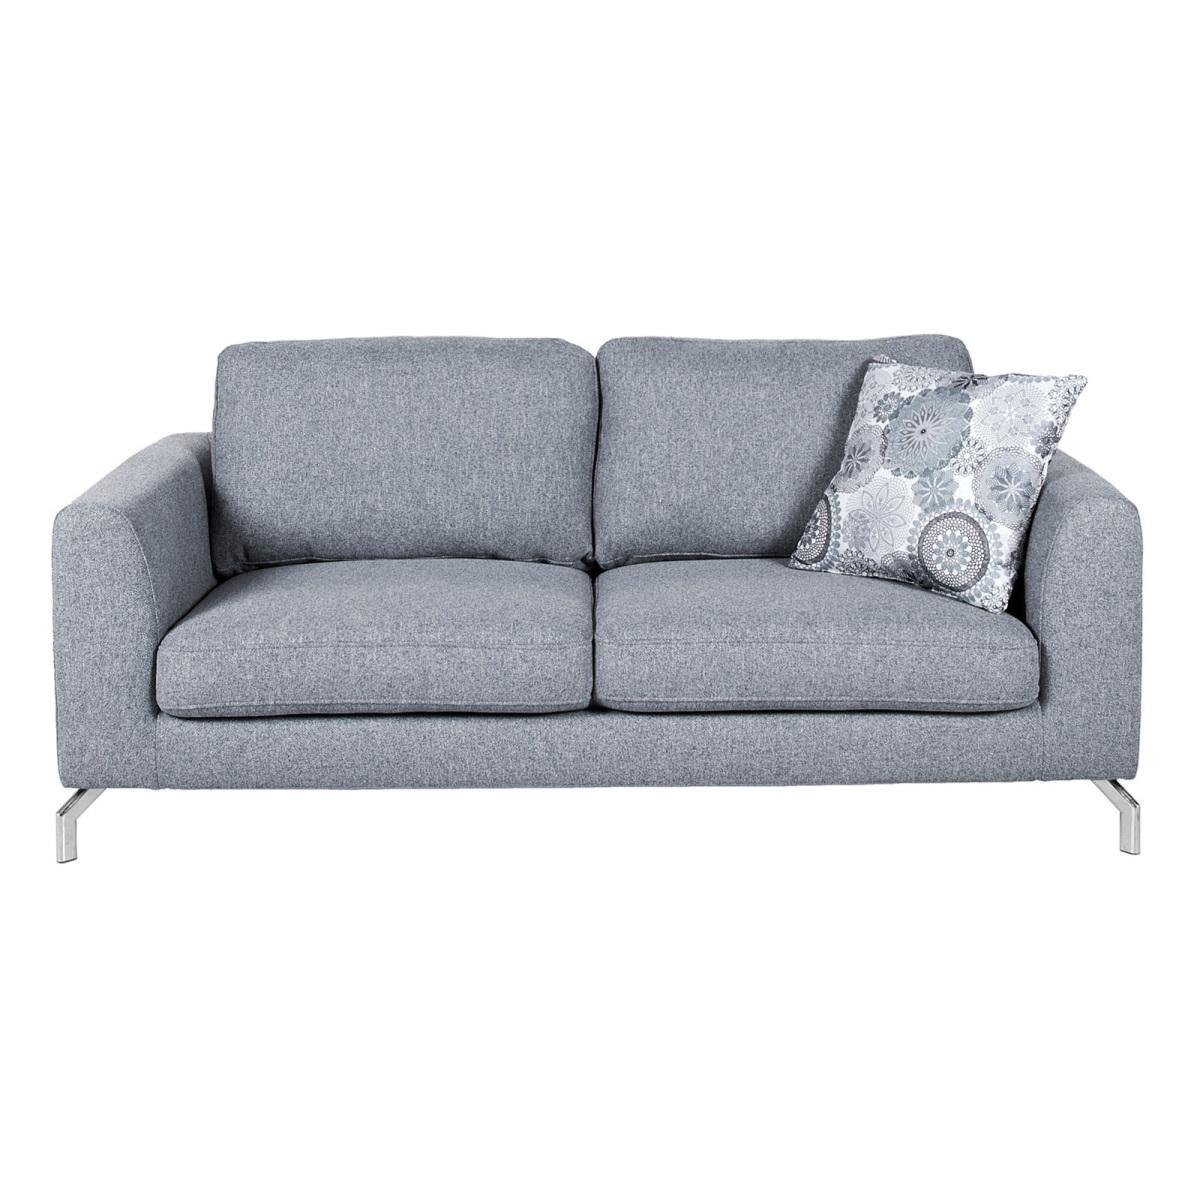 Full Size of Sofa 2 5 Sitzer Phill Hill Namika Ikea Mit Schlaffunktion Bett Weiß 120x200 Alcantara Stressless Zweisitzer 140x200 Barock Für Esstisch 90x200 Lattenrost Sofa Sofa 2 5 Sitzer